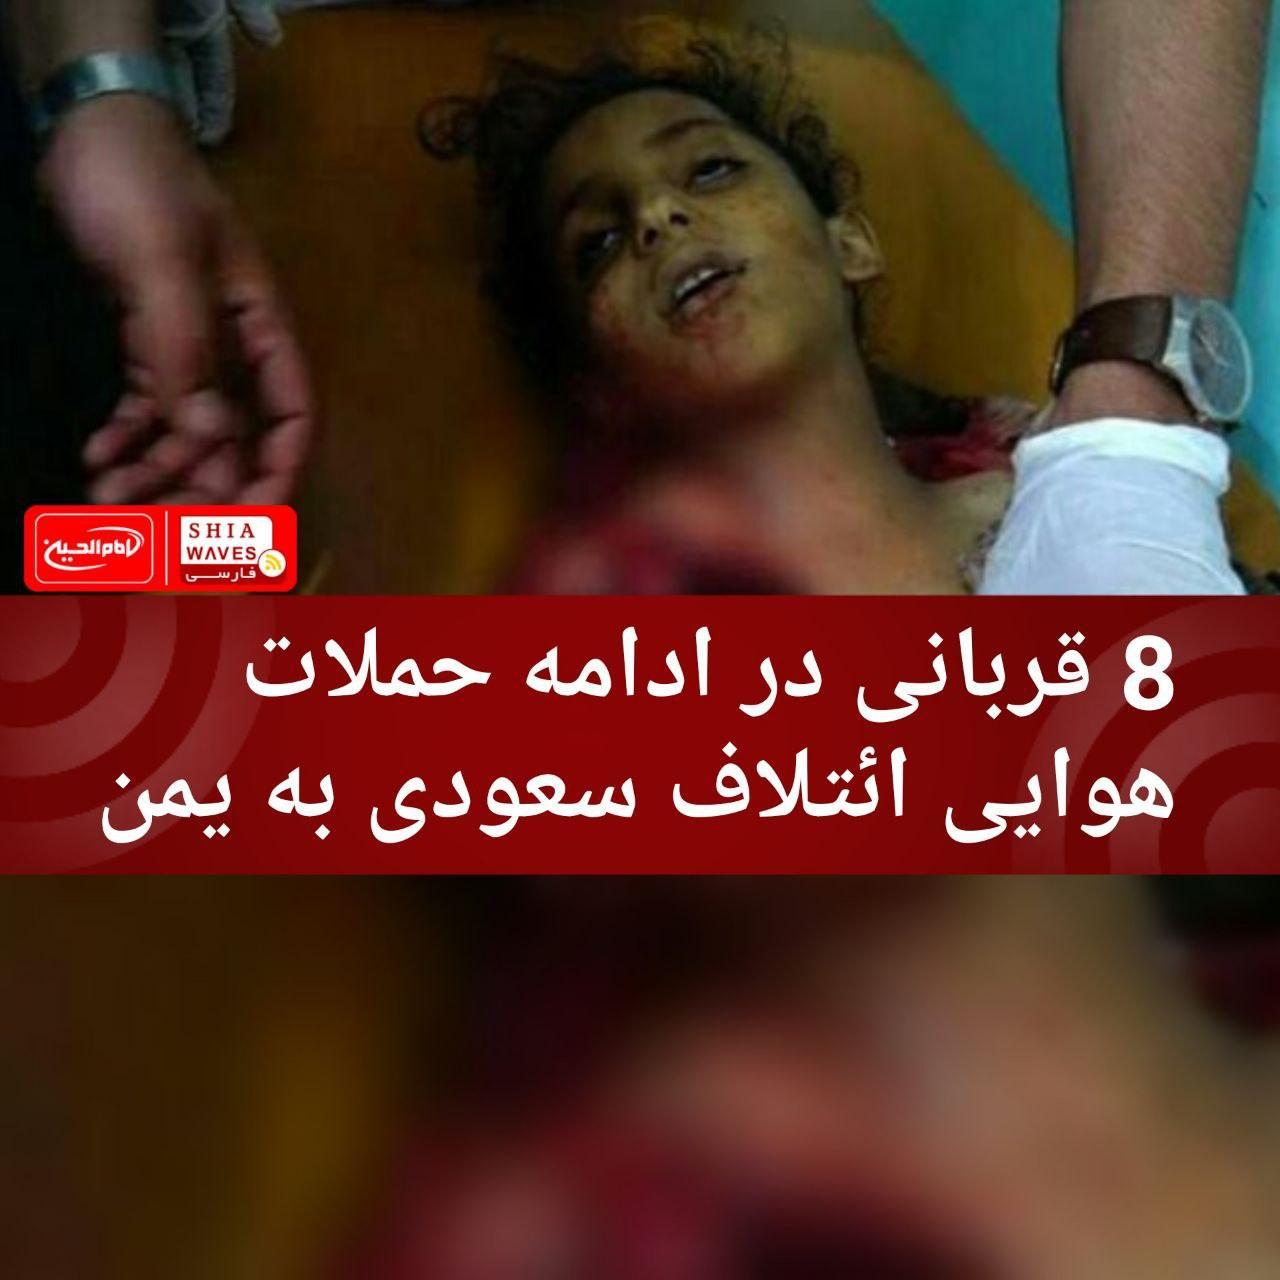 تصویر 8 قربانی در ادامه حملات هوایی ائتلاف سعودی به یمن